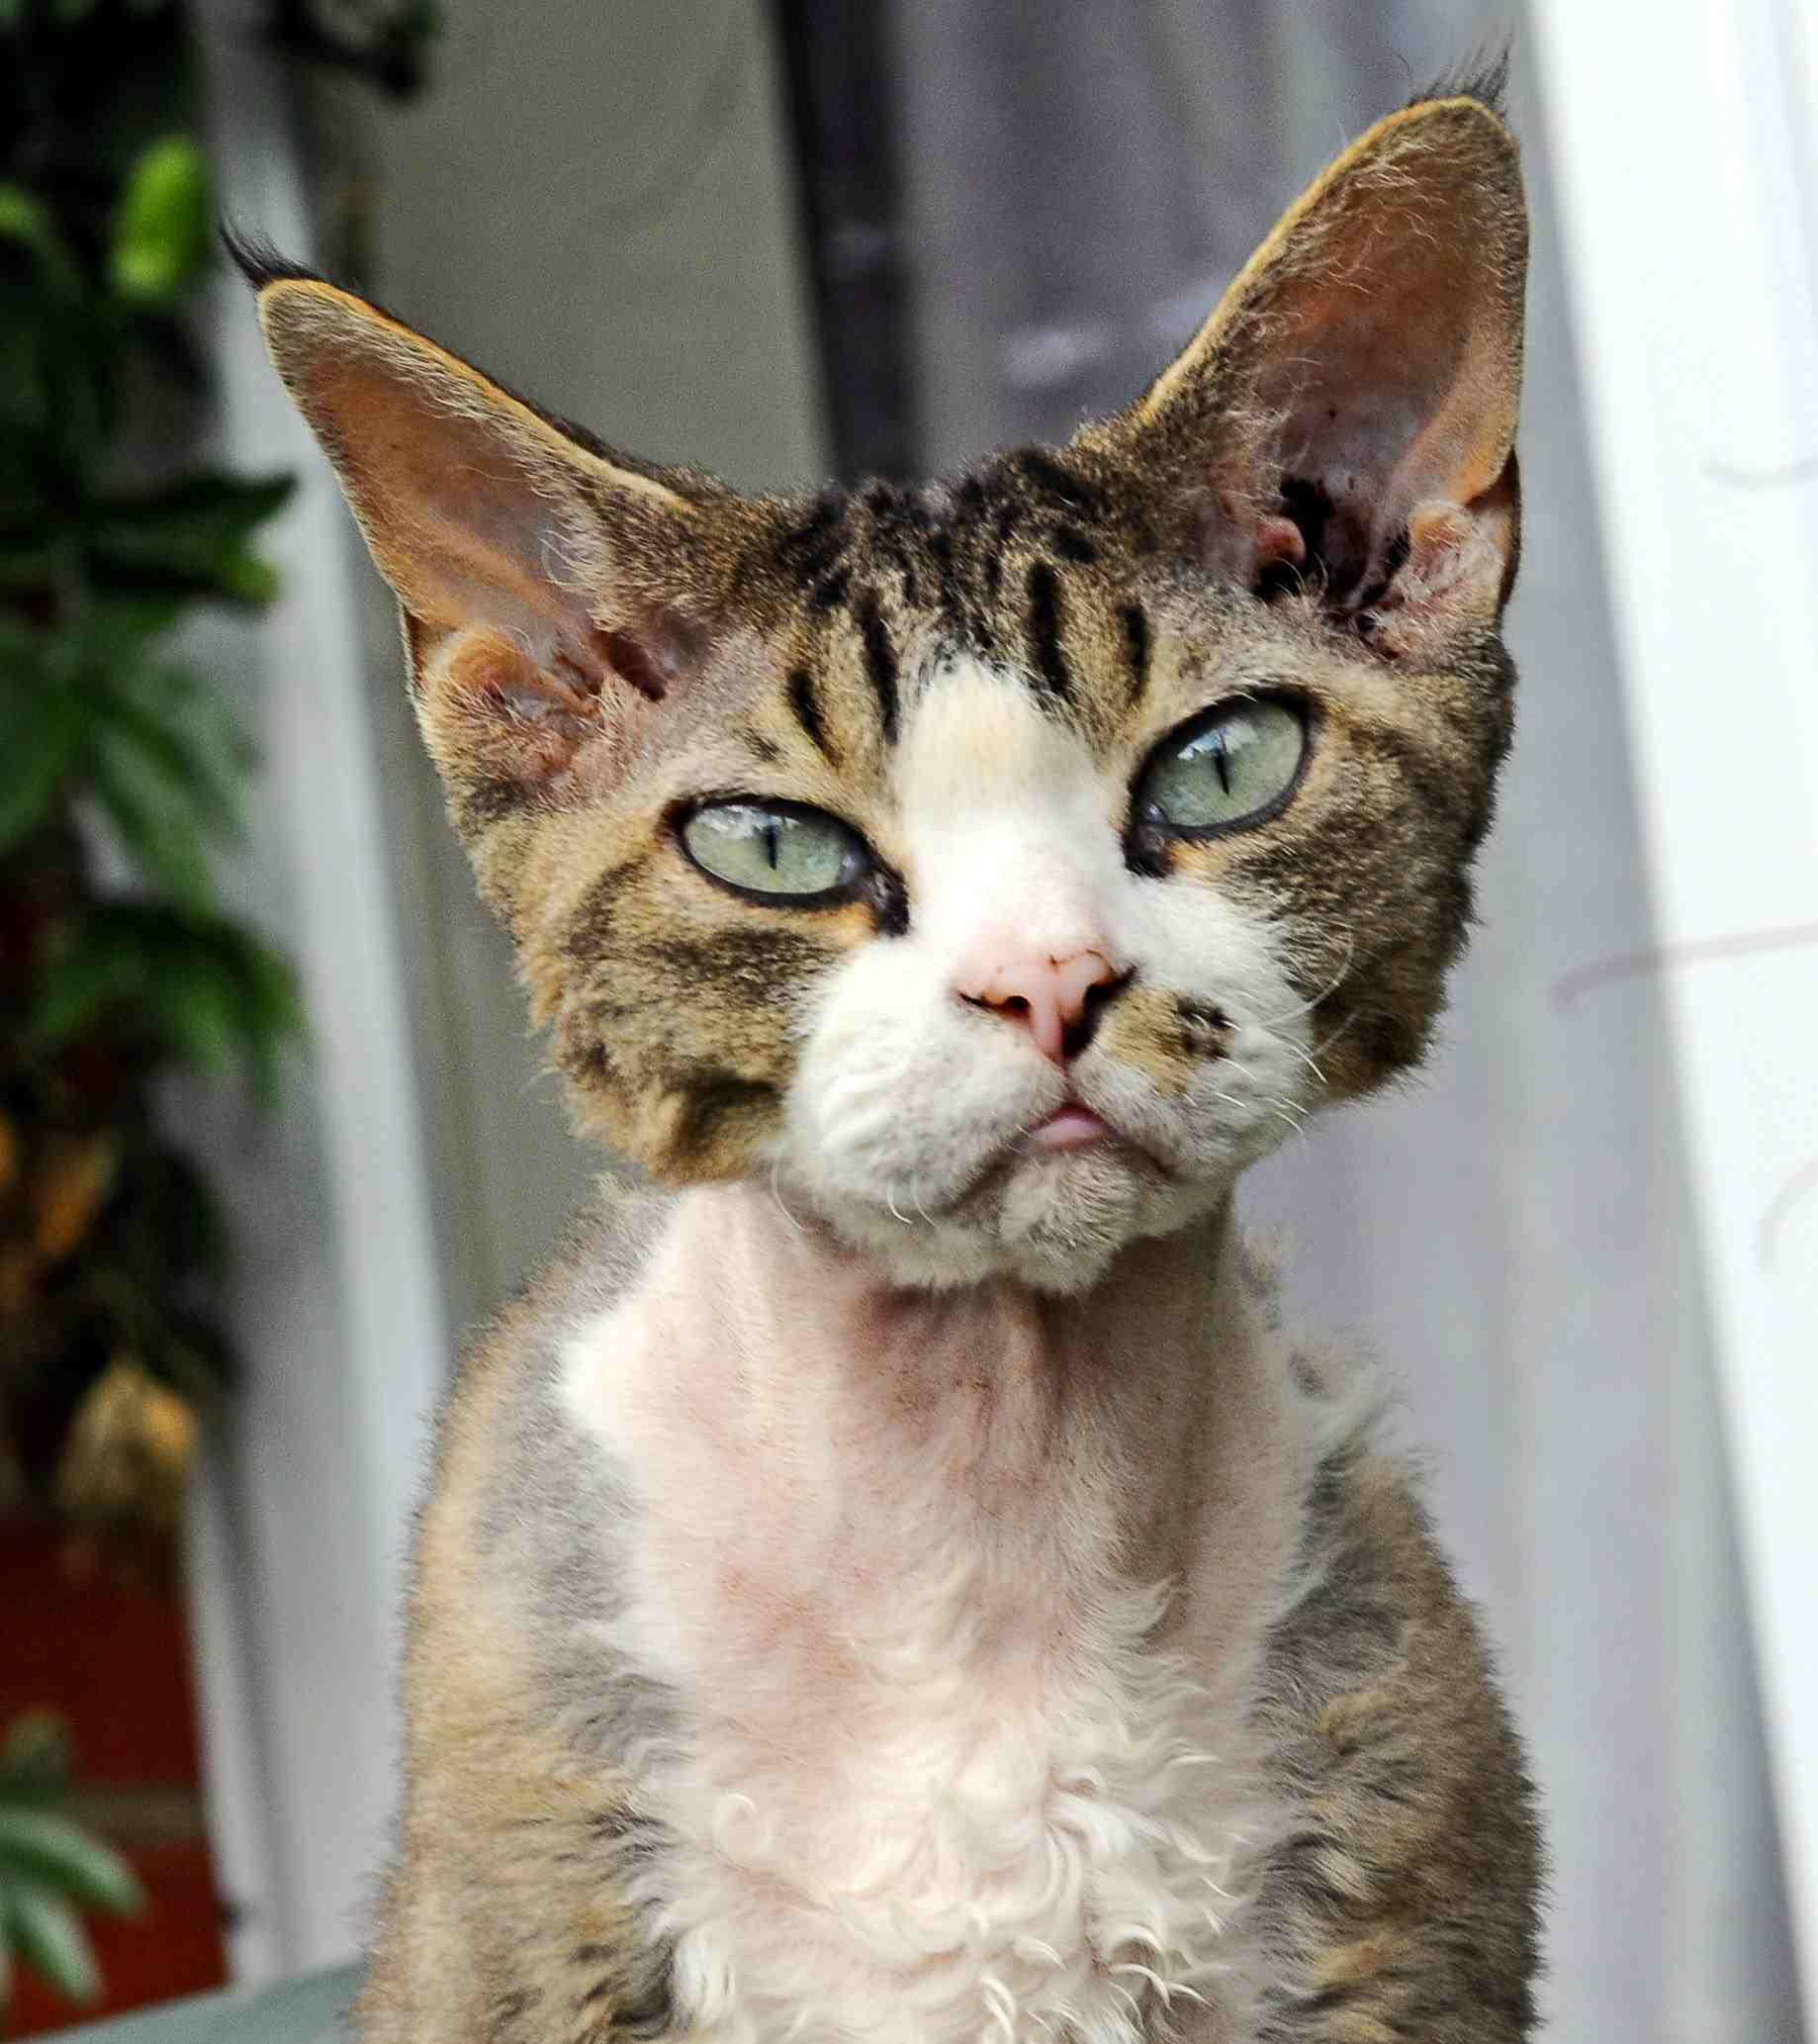 Devon Rex cat outside on a porch